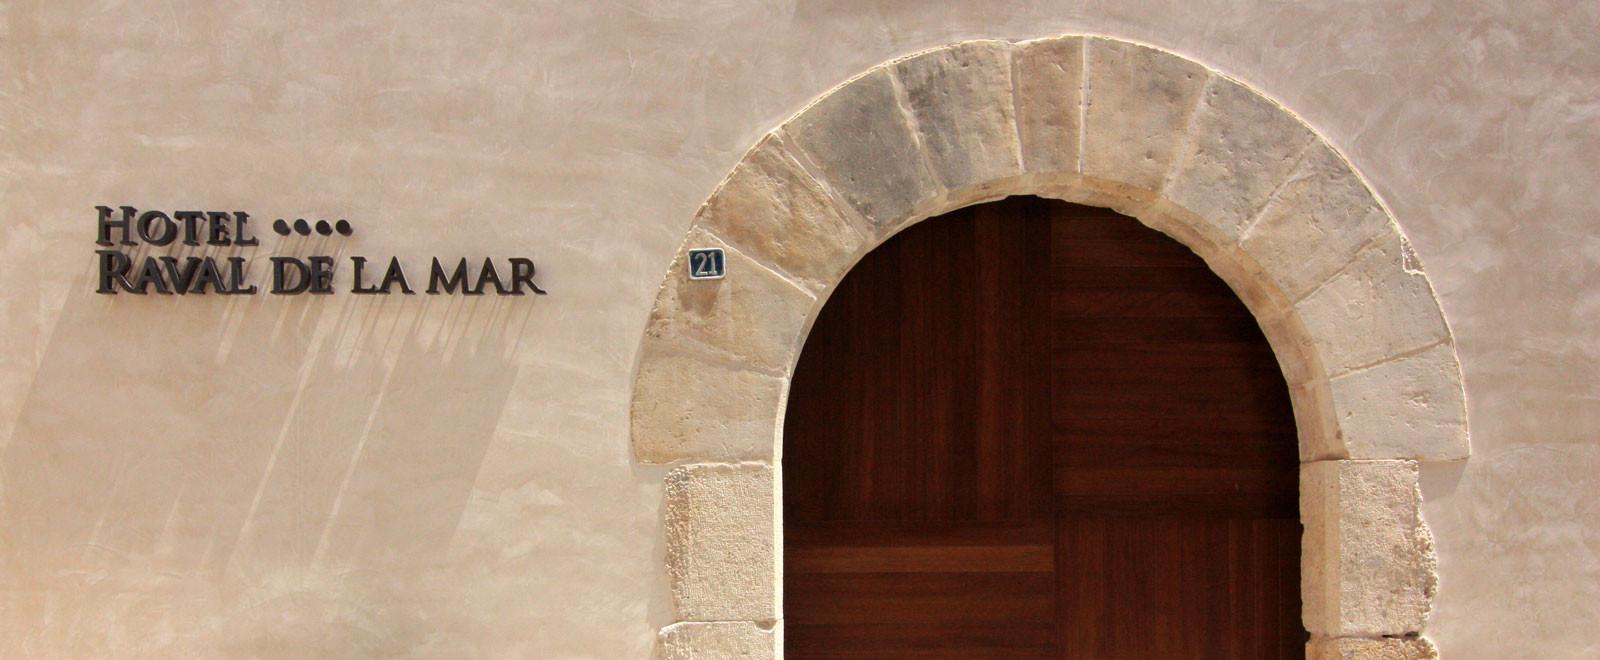 portal-baixa.jpg